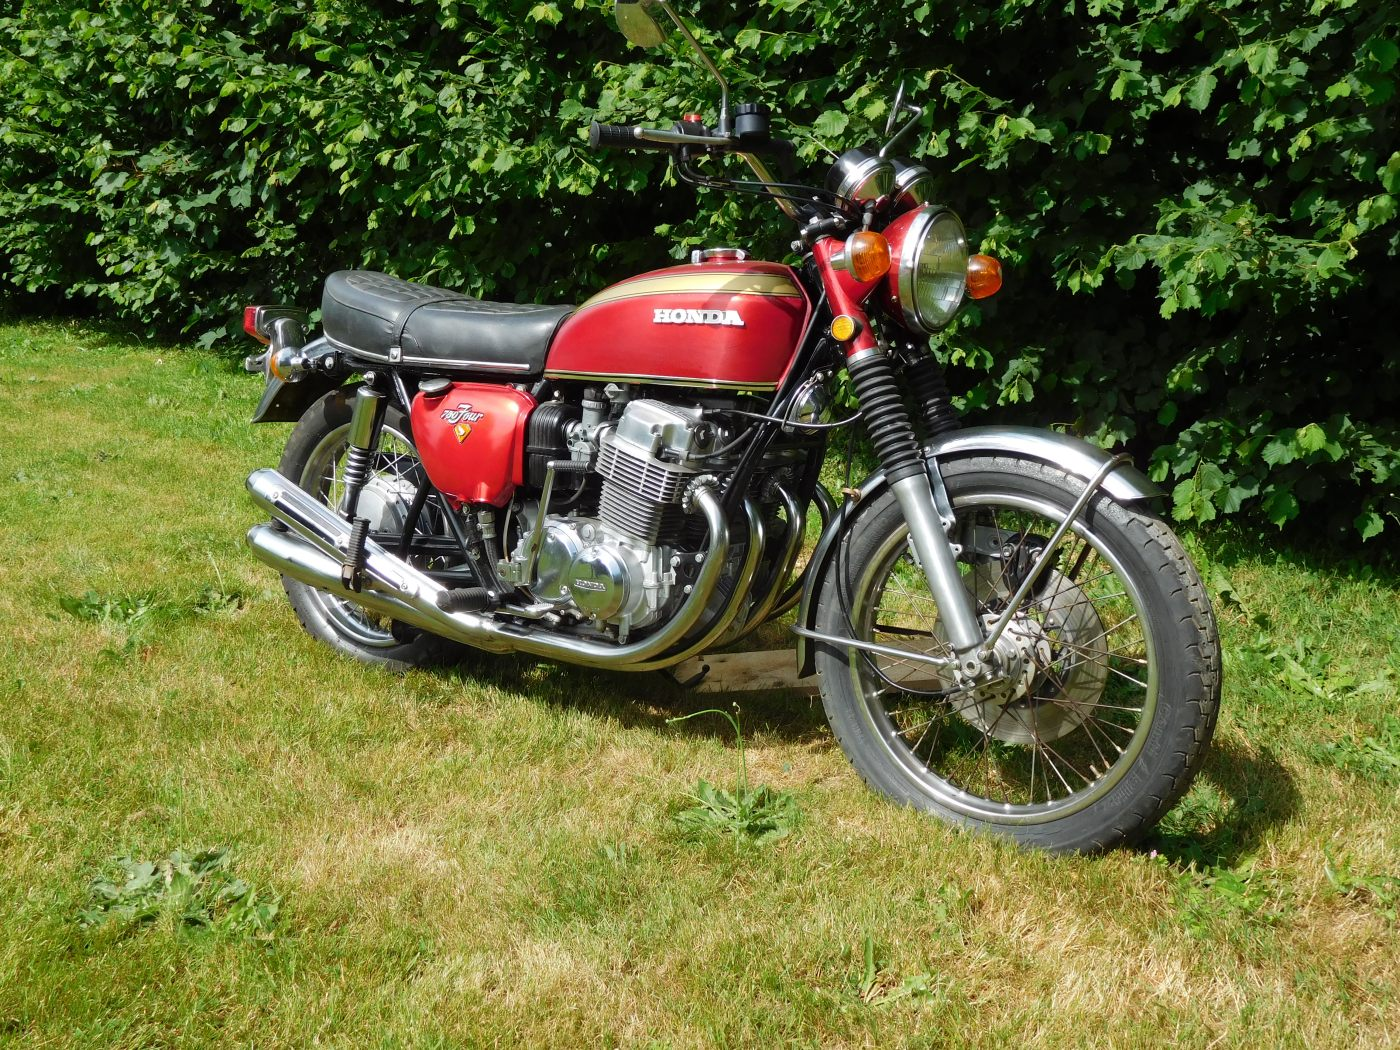 42-HONDA-CB-750-FOUR-K1-1971